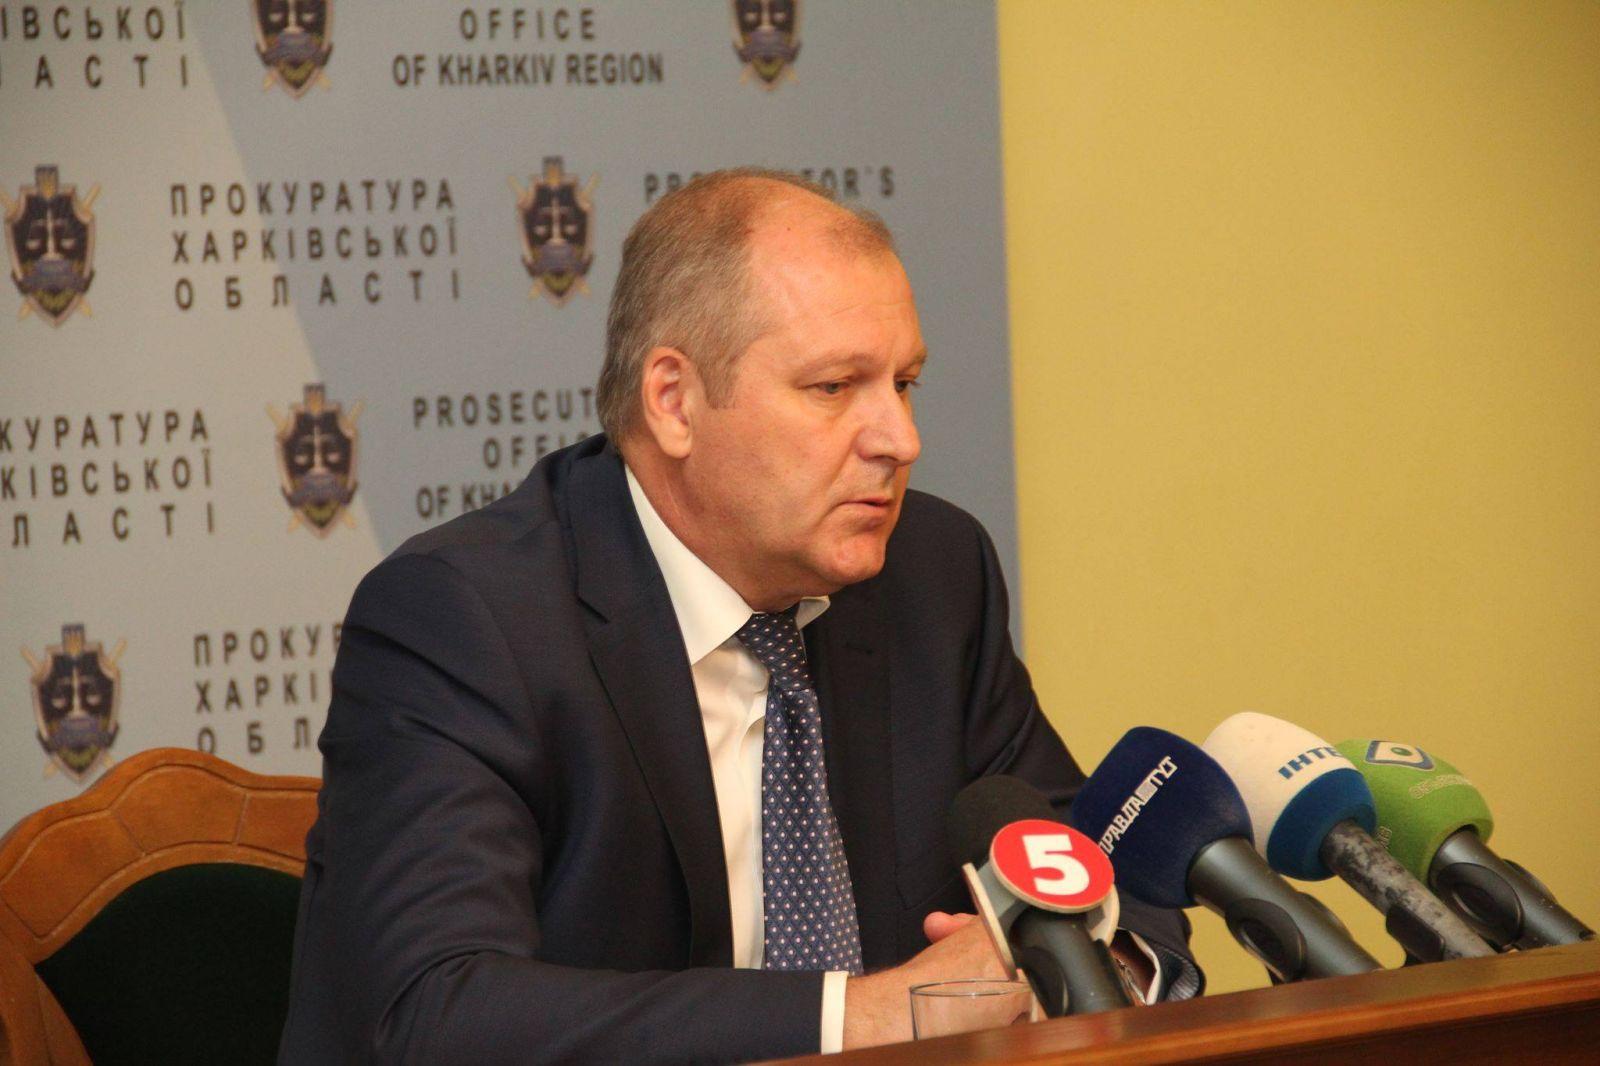 НаХарьковщине окончено расследование вотношении разработчиков суррогатного алкоголя